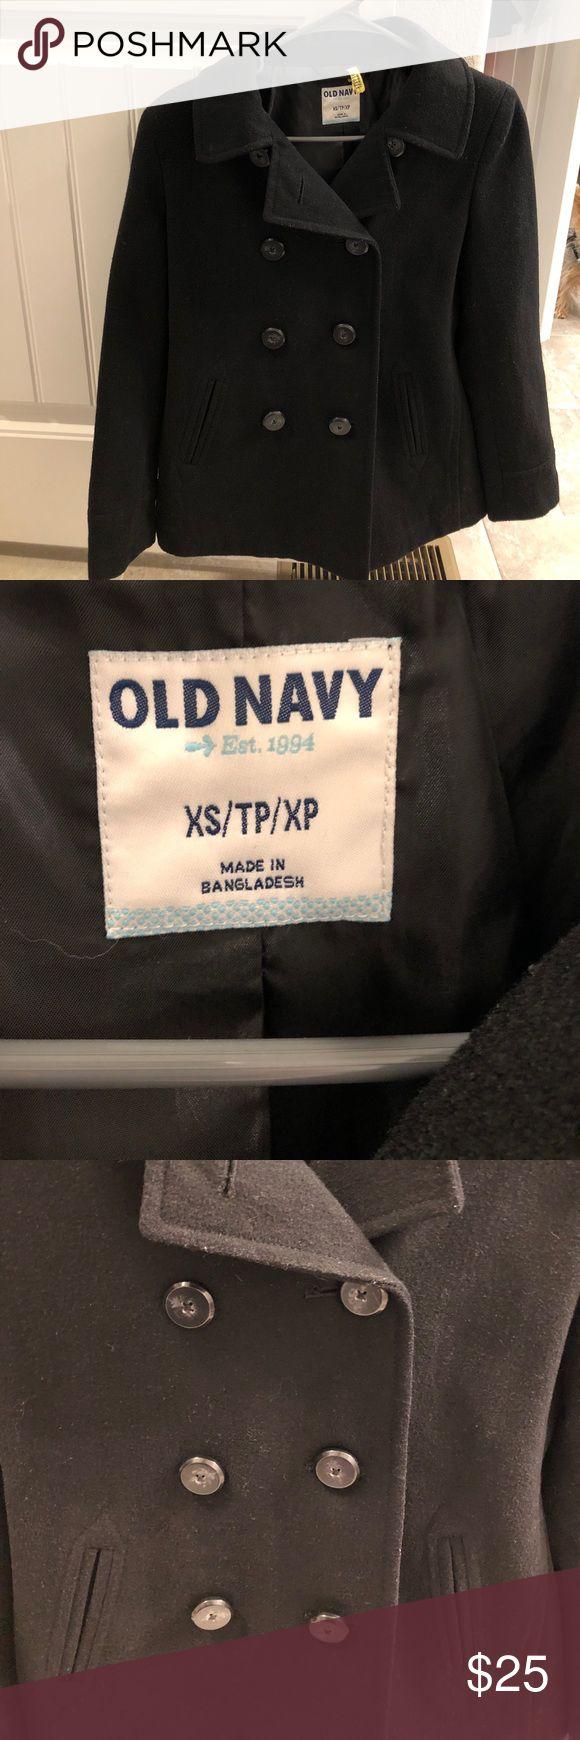 Best 25  Old navy pea coat ideas on Pinterest | Navy pea coat, Old ...